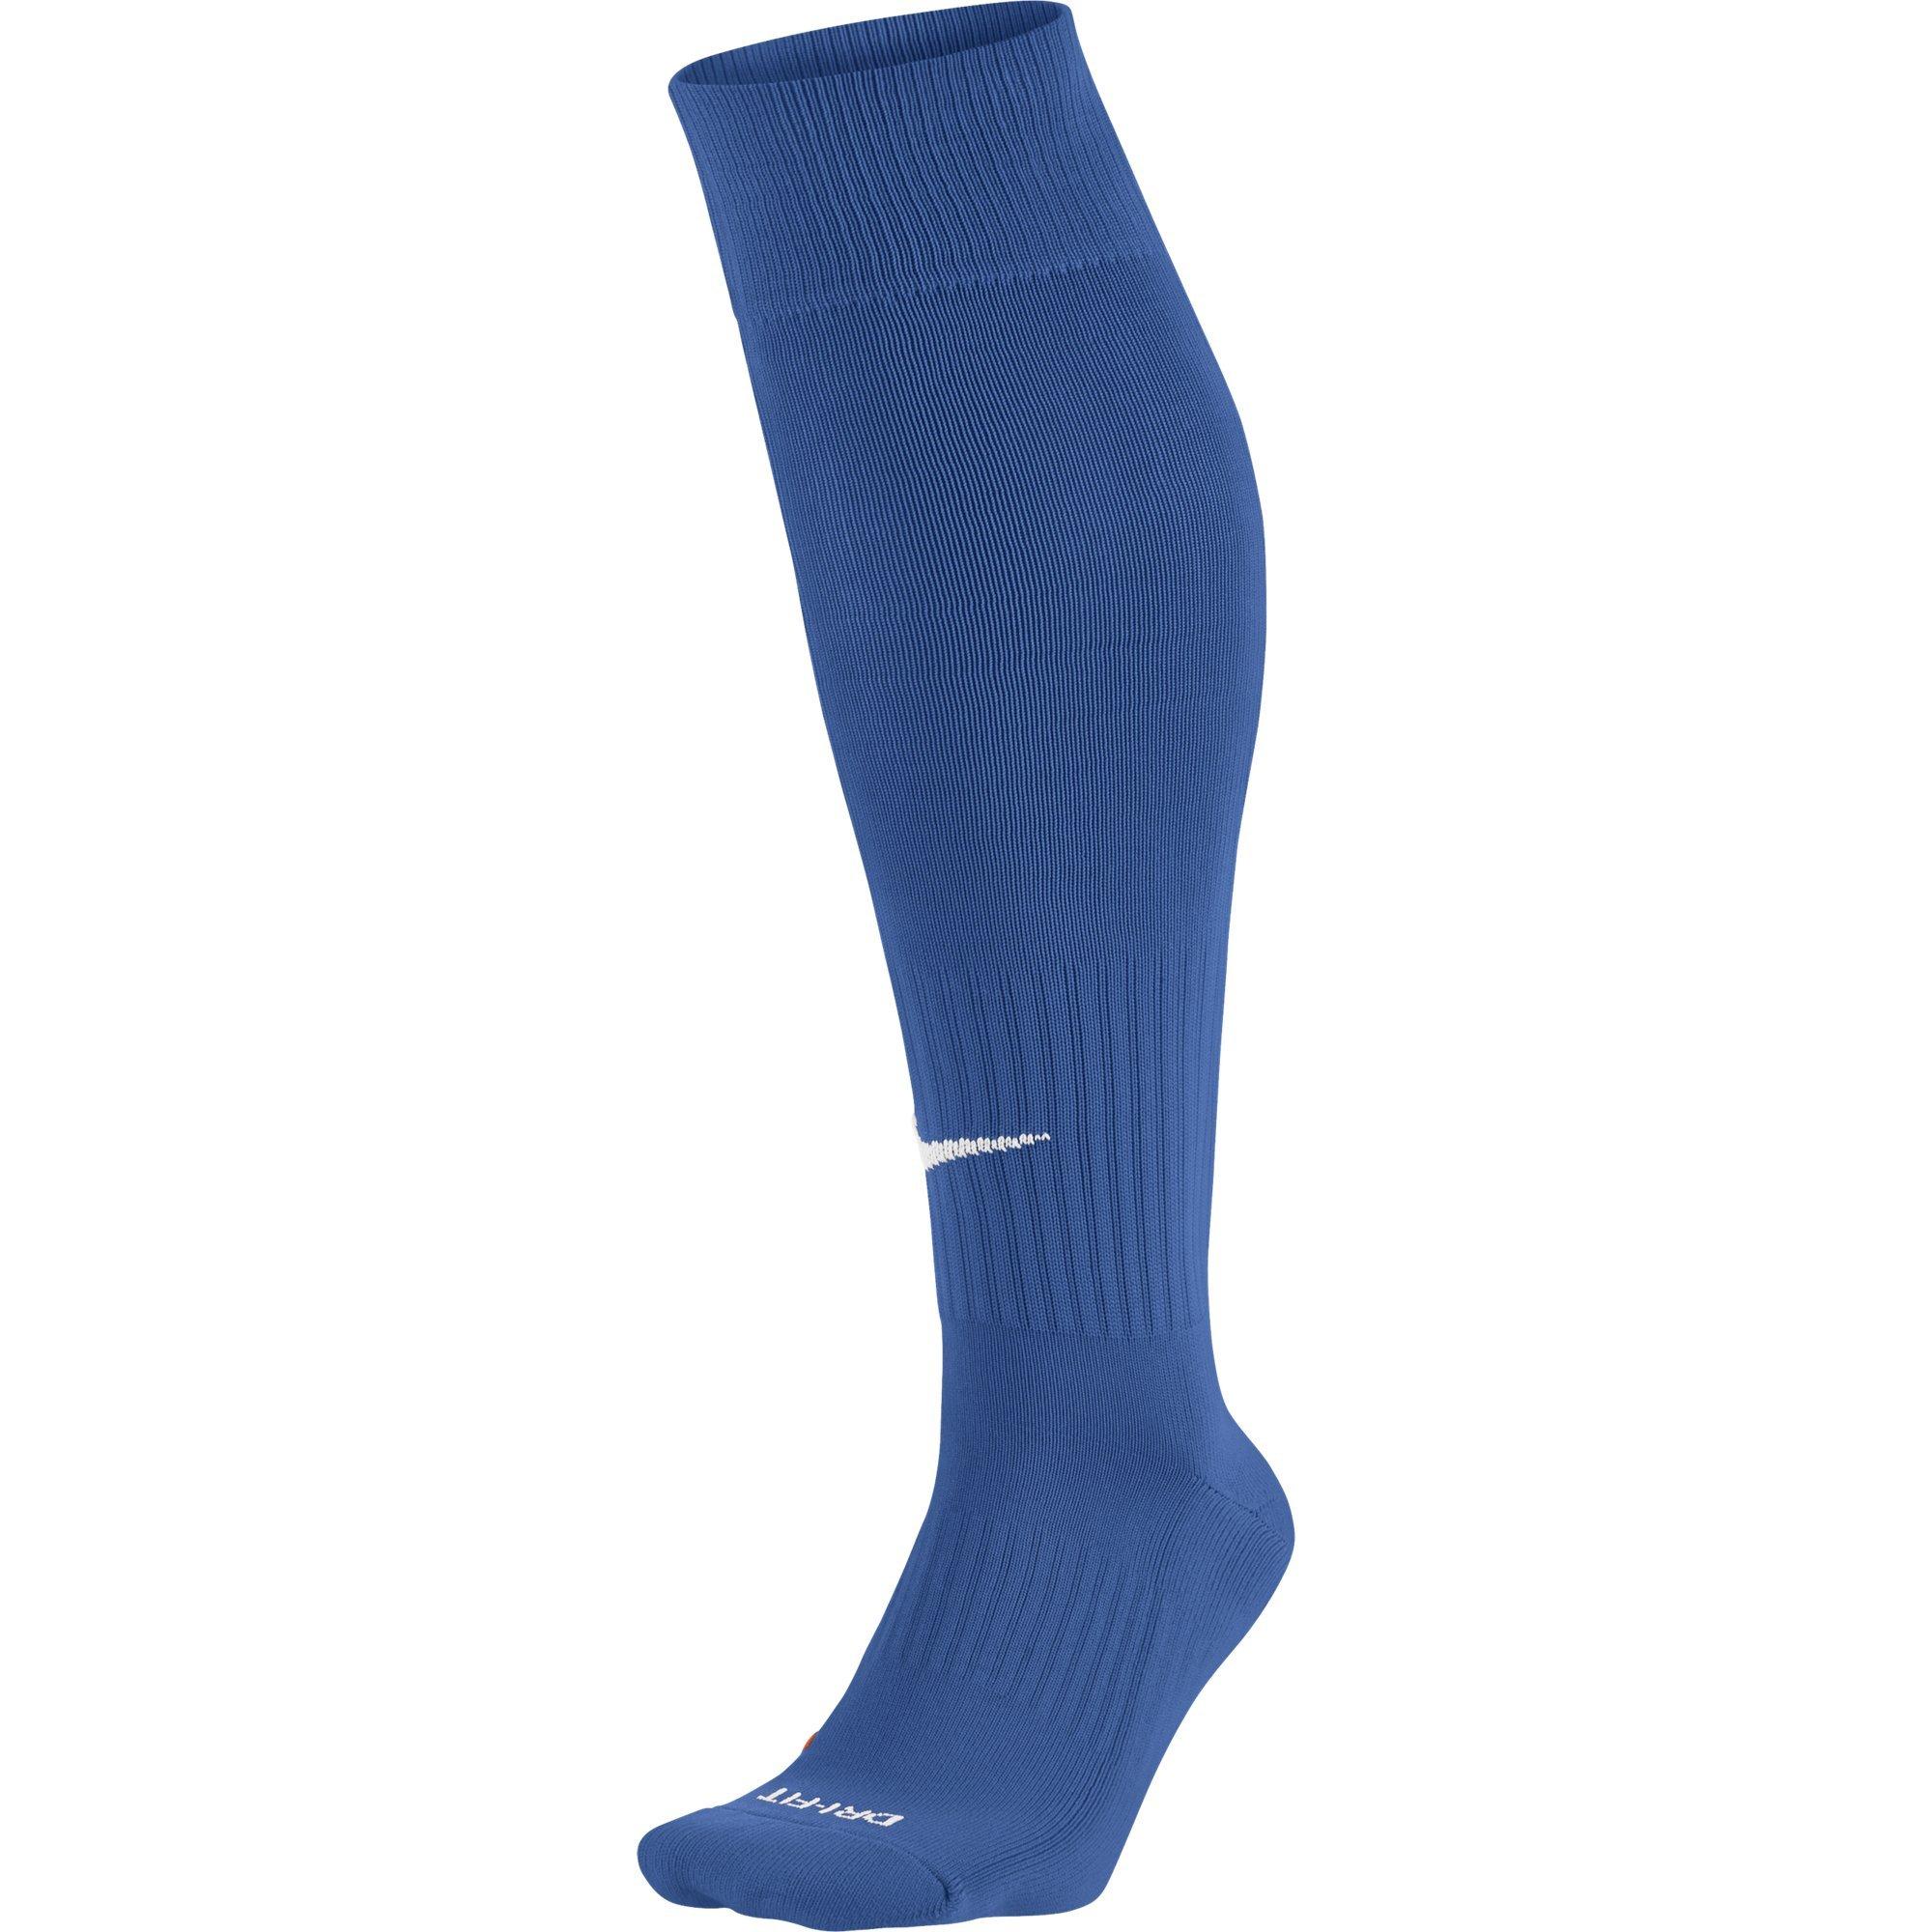 NIKE Unisex Academy Over-The-Calf Soccer Socks, Varsity Royal/White, Medium